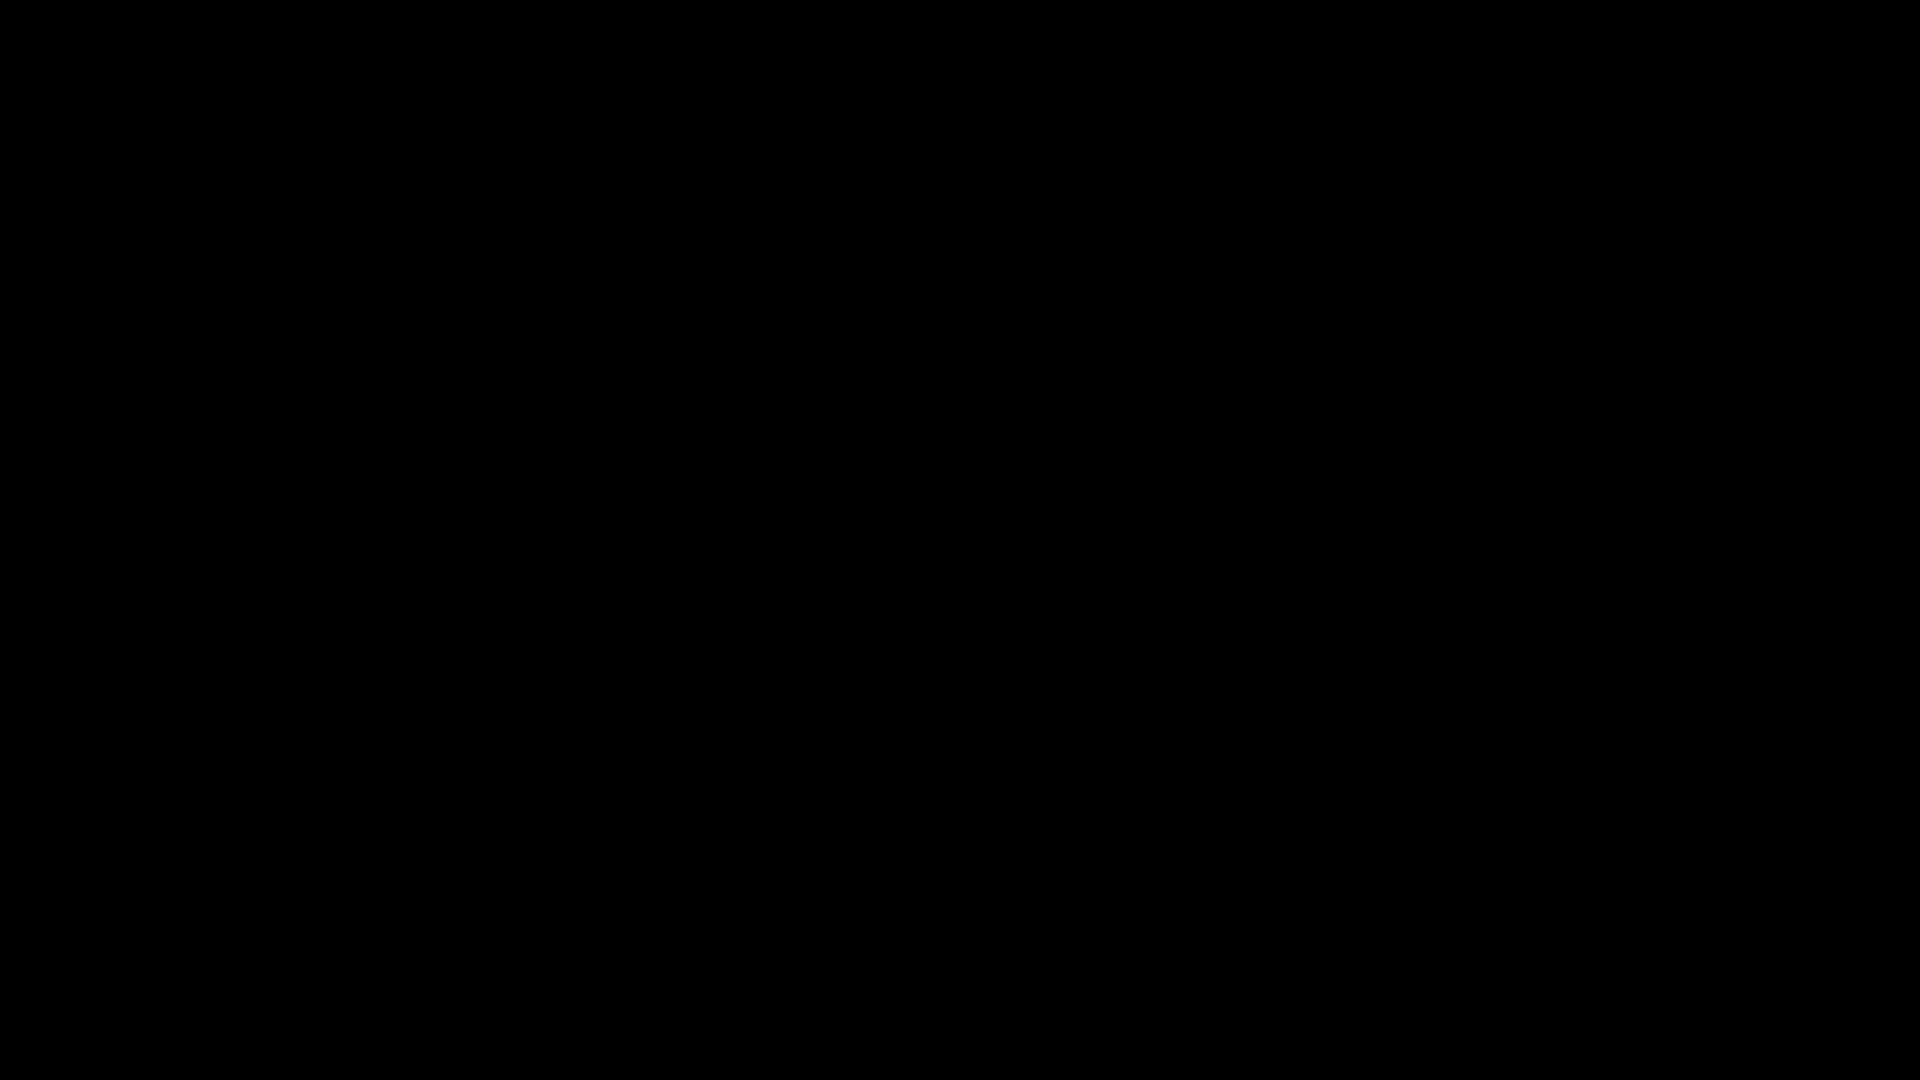 イケメン厳選!マッチョなスポーツマン全員集合!Vol.03 マッチョマン ゲイアダルト画像 77pic 22